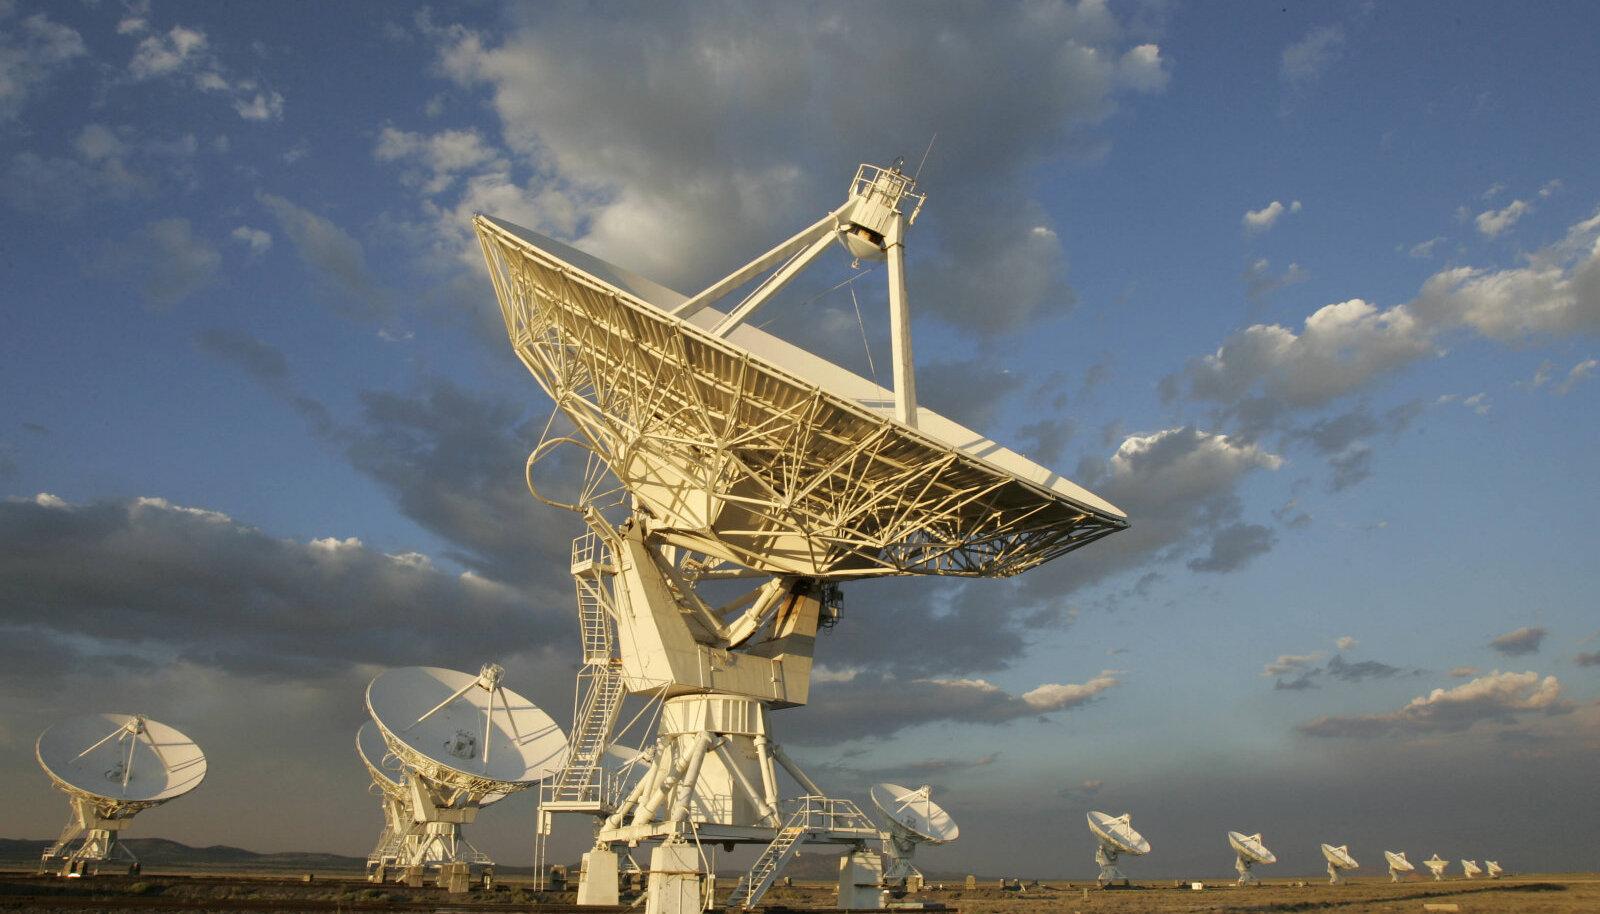 New Mexicos asuv teleskoobisüsteem, mille abiga raadiolainete pursete lähtepunkt selgeks tehti.